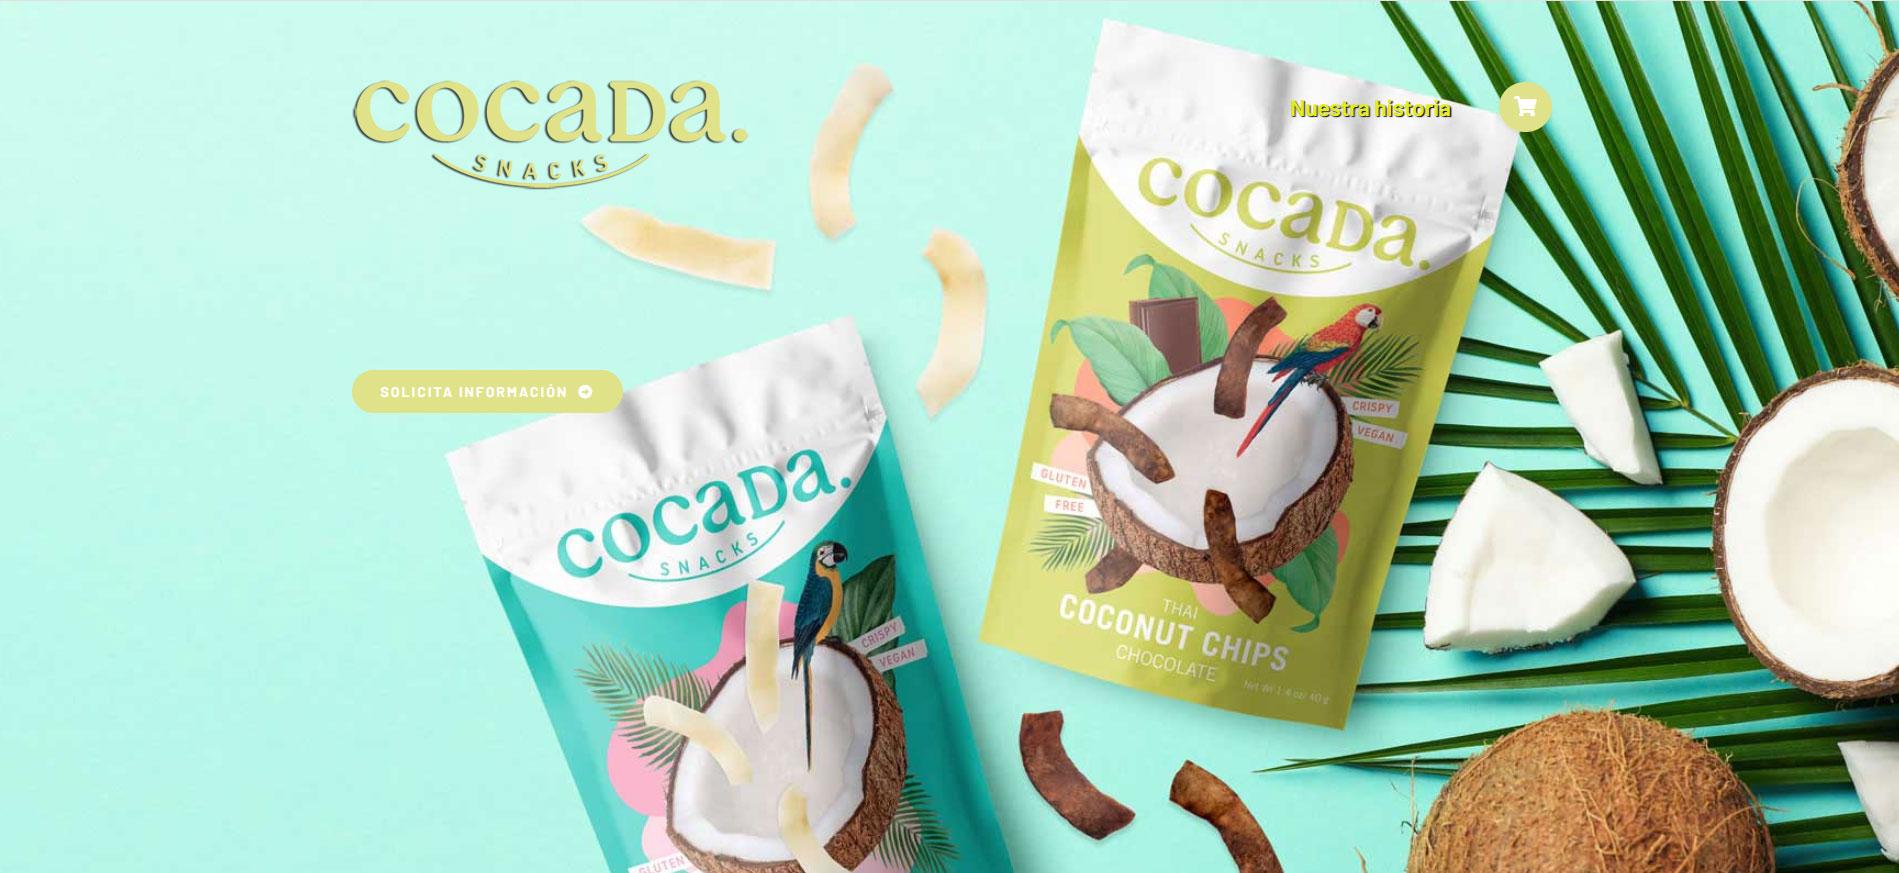 cocada-snack-web-1